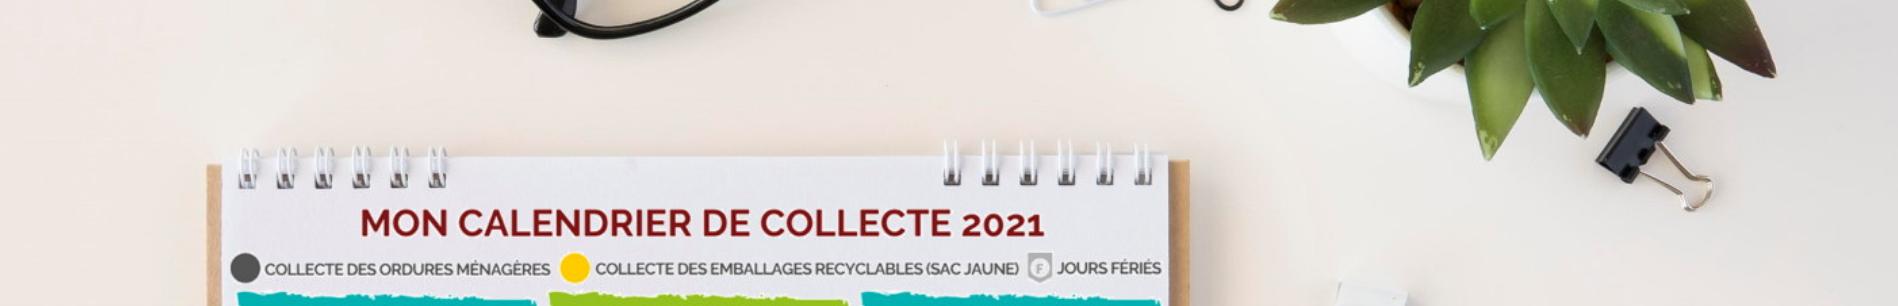 Bandeau calendrier collecte 2021